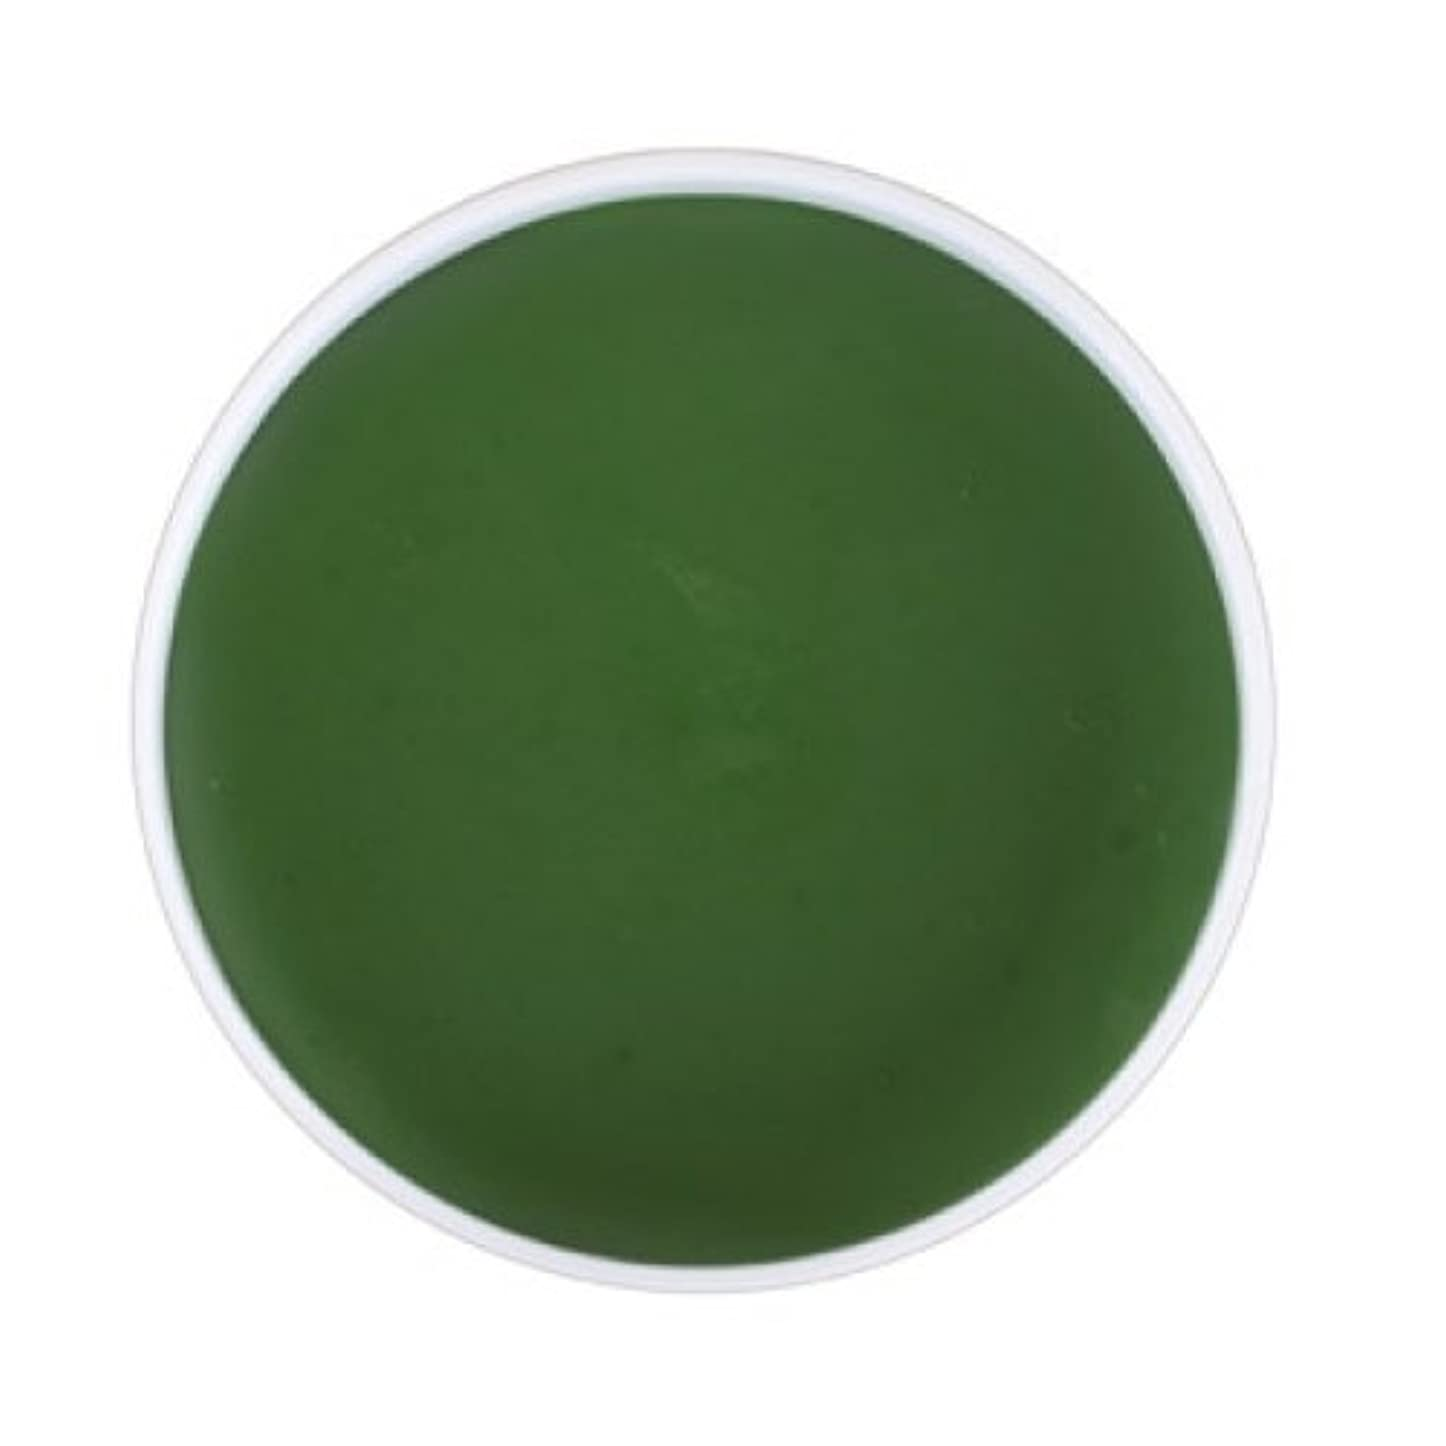 専門化する津波つぶすmehron Color Cups Face and Body Paint - Green (並行輸入品)